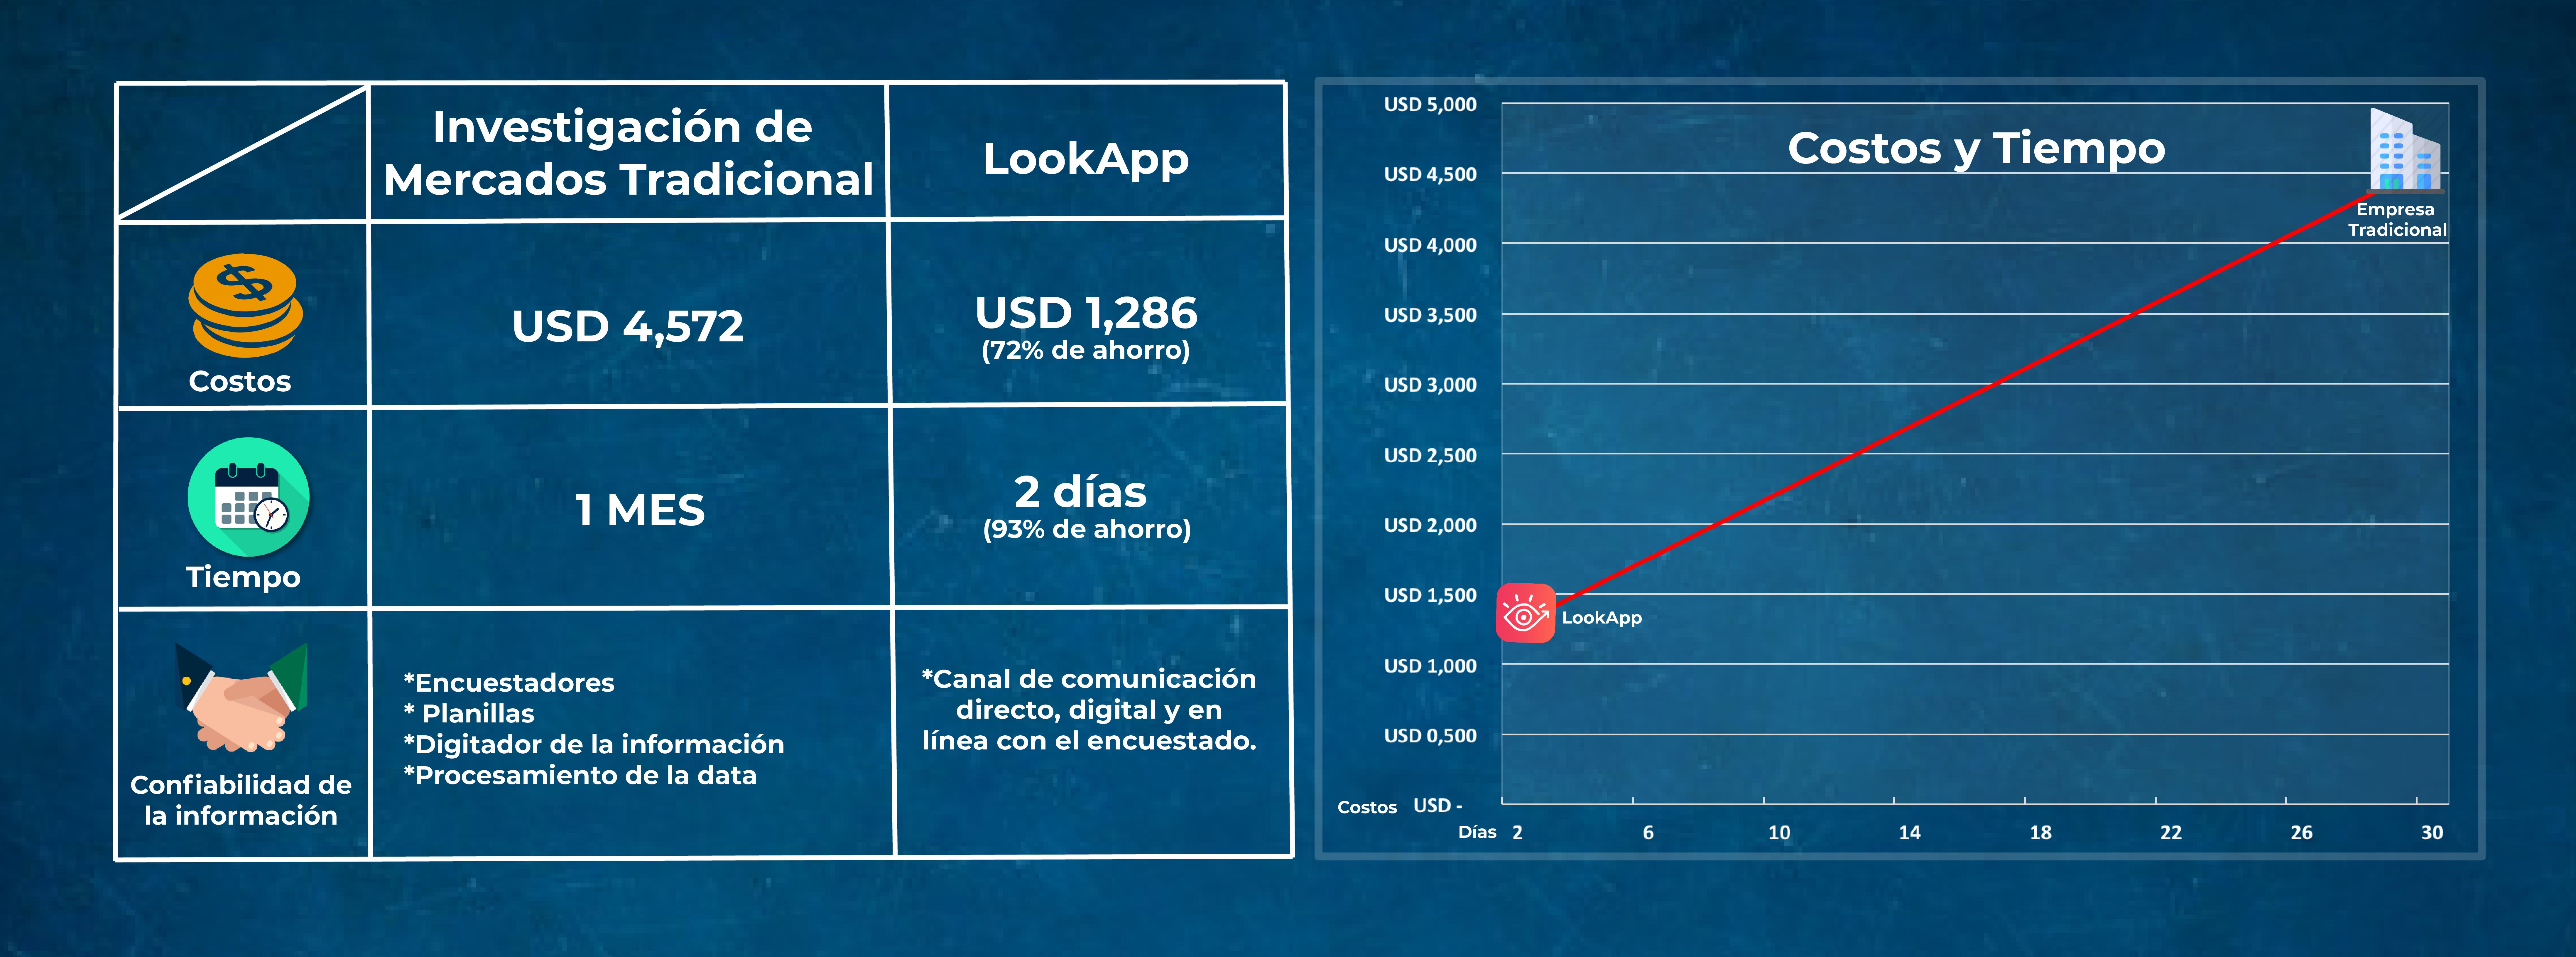 Estudio de Mercado tradicional vs Mercadeo digital: LookApp como caso de estudio LookApp genera un ahorro de hasta el 72% en costos y 93% en tiempo al realizar un estudio de mercado